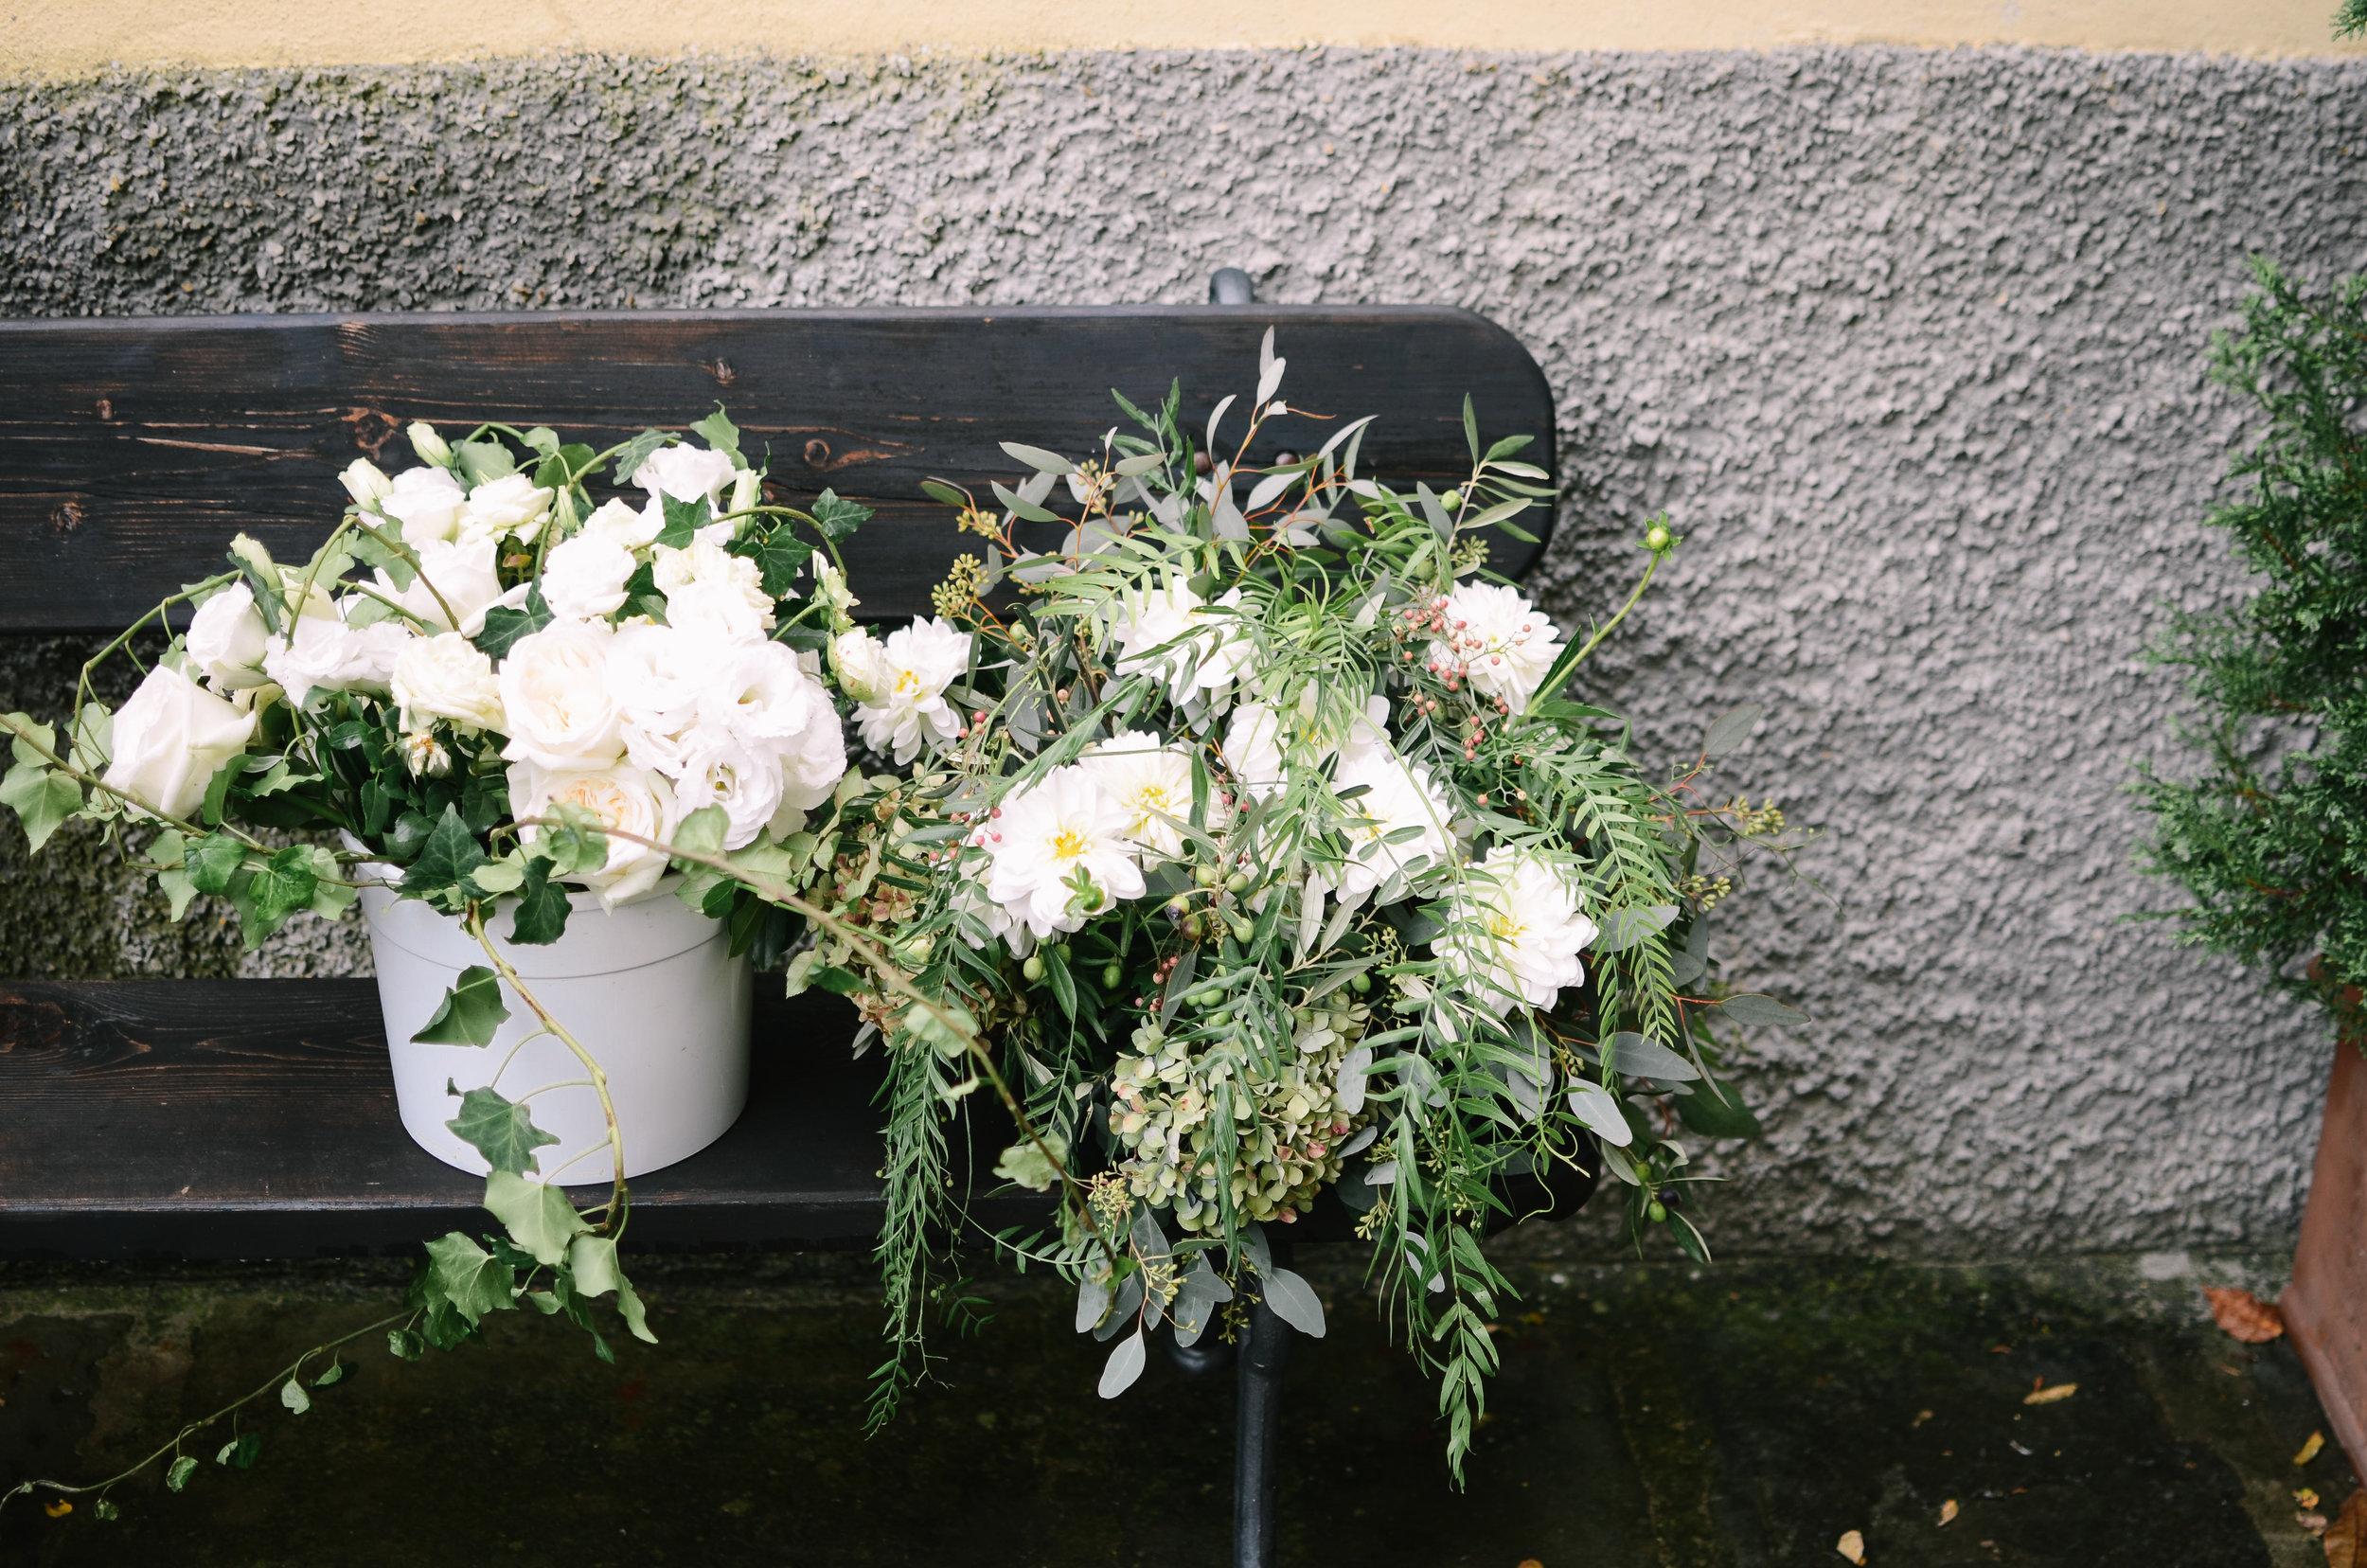 il-borro-toscana-wedding-tuscany-lifeonpine_DSC_0982.jpg